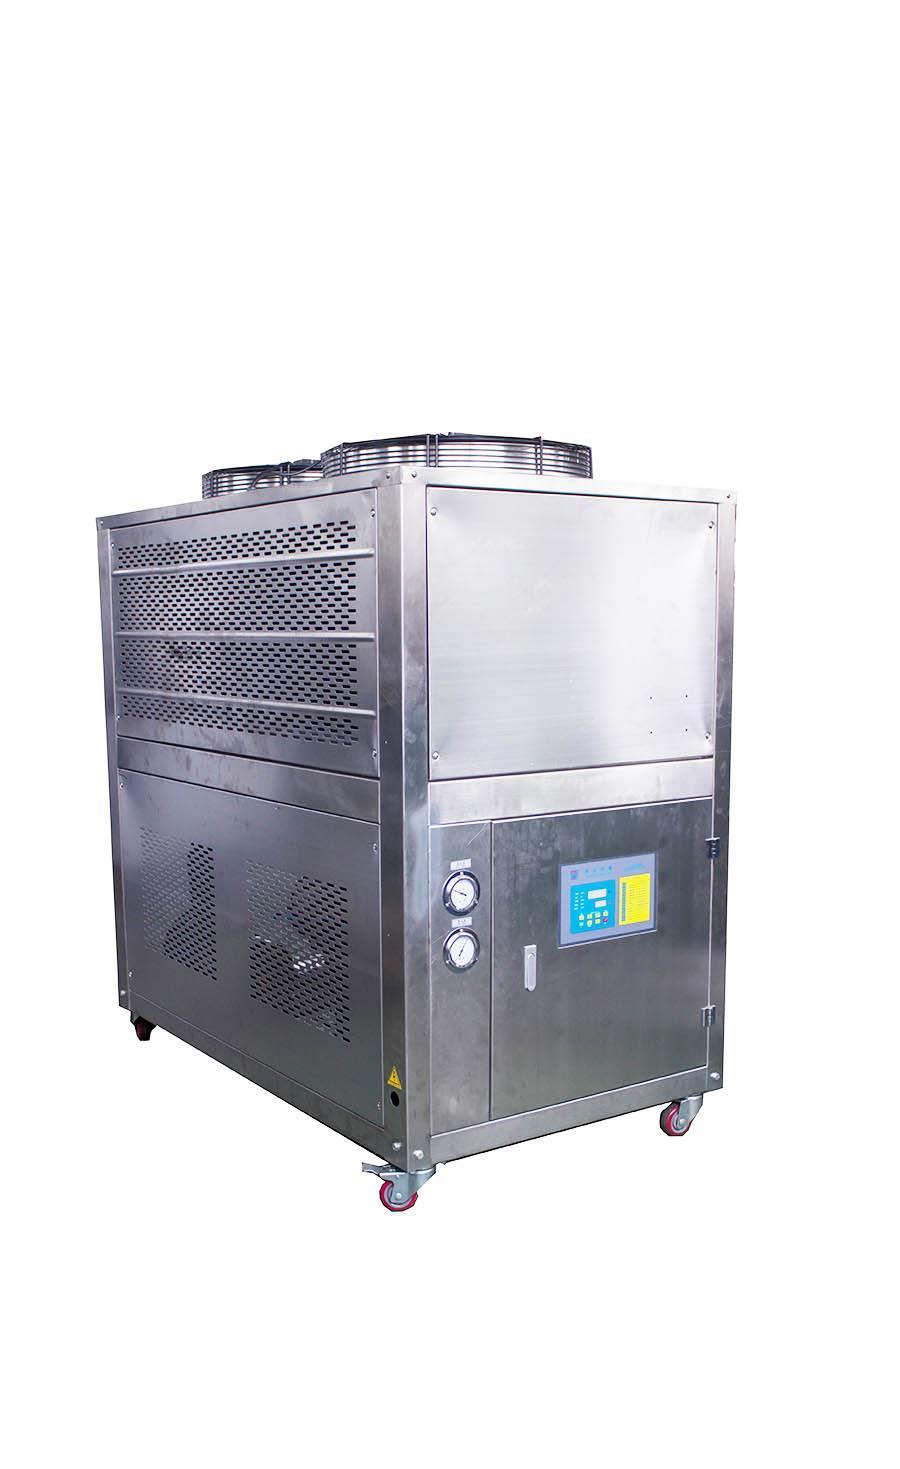 郑州冷热一体机,郑州冷热温控设备,郑州高低温一体机